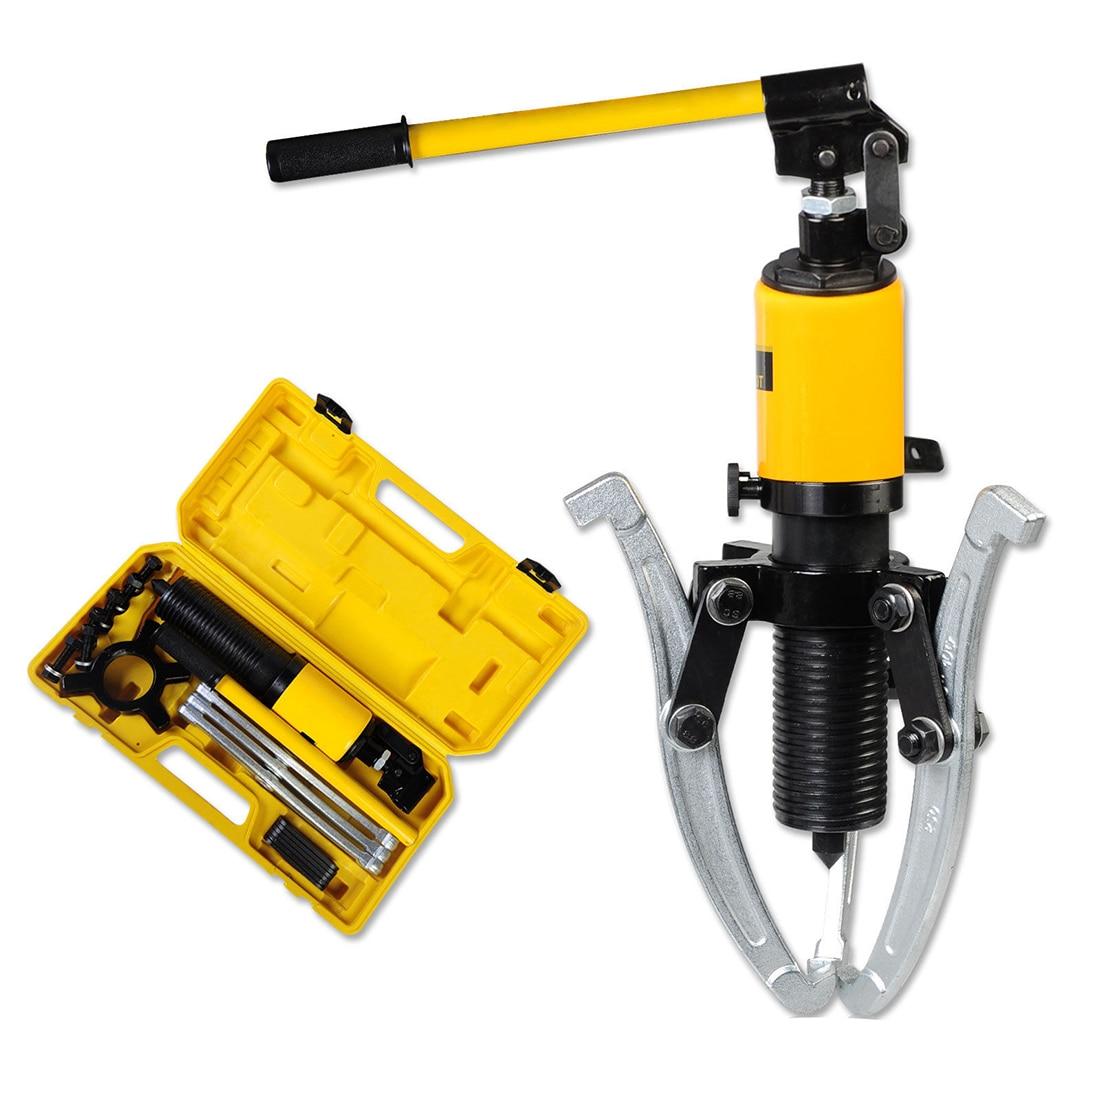 JEYL 10 Ton Hydraulic Puller Bearing Hub Separator Garage Tool Set Kit professional common rail injector puller set diesel engine garage tool set t10055 tdi